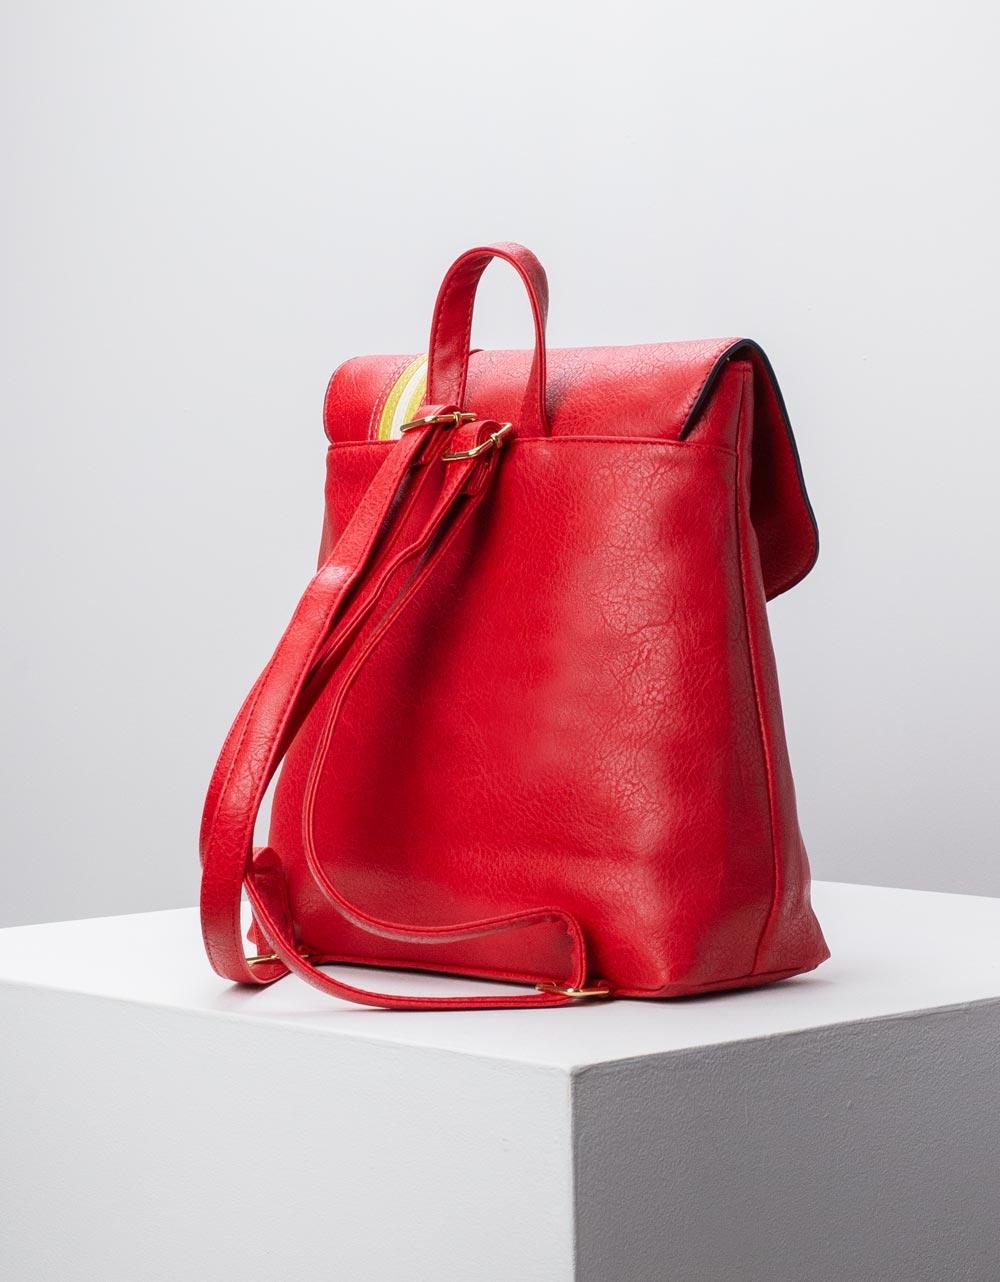 Εικόνα από Γυναικεία σακίδια πλάτης με διακοσμητικά φουντάκια Κόκκινο